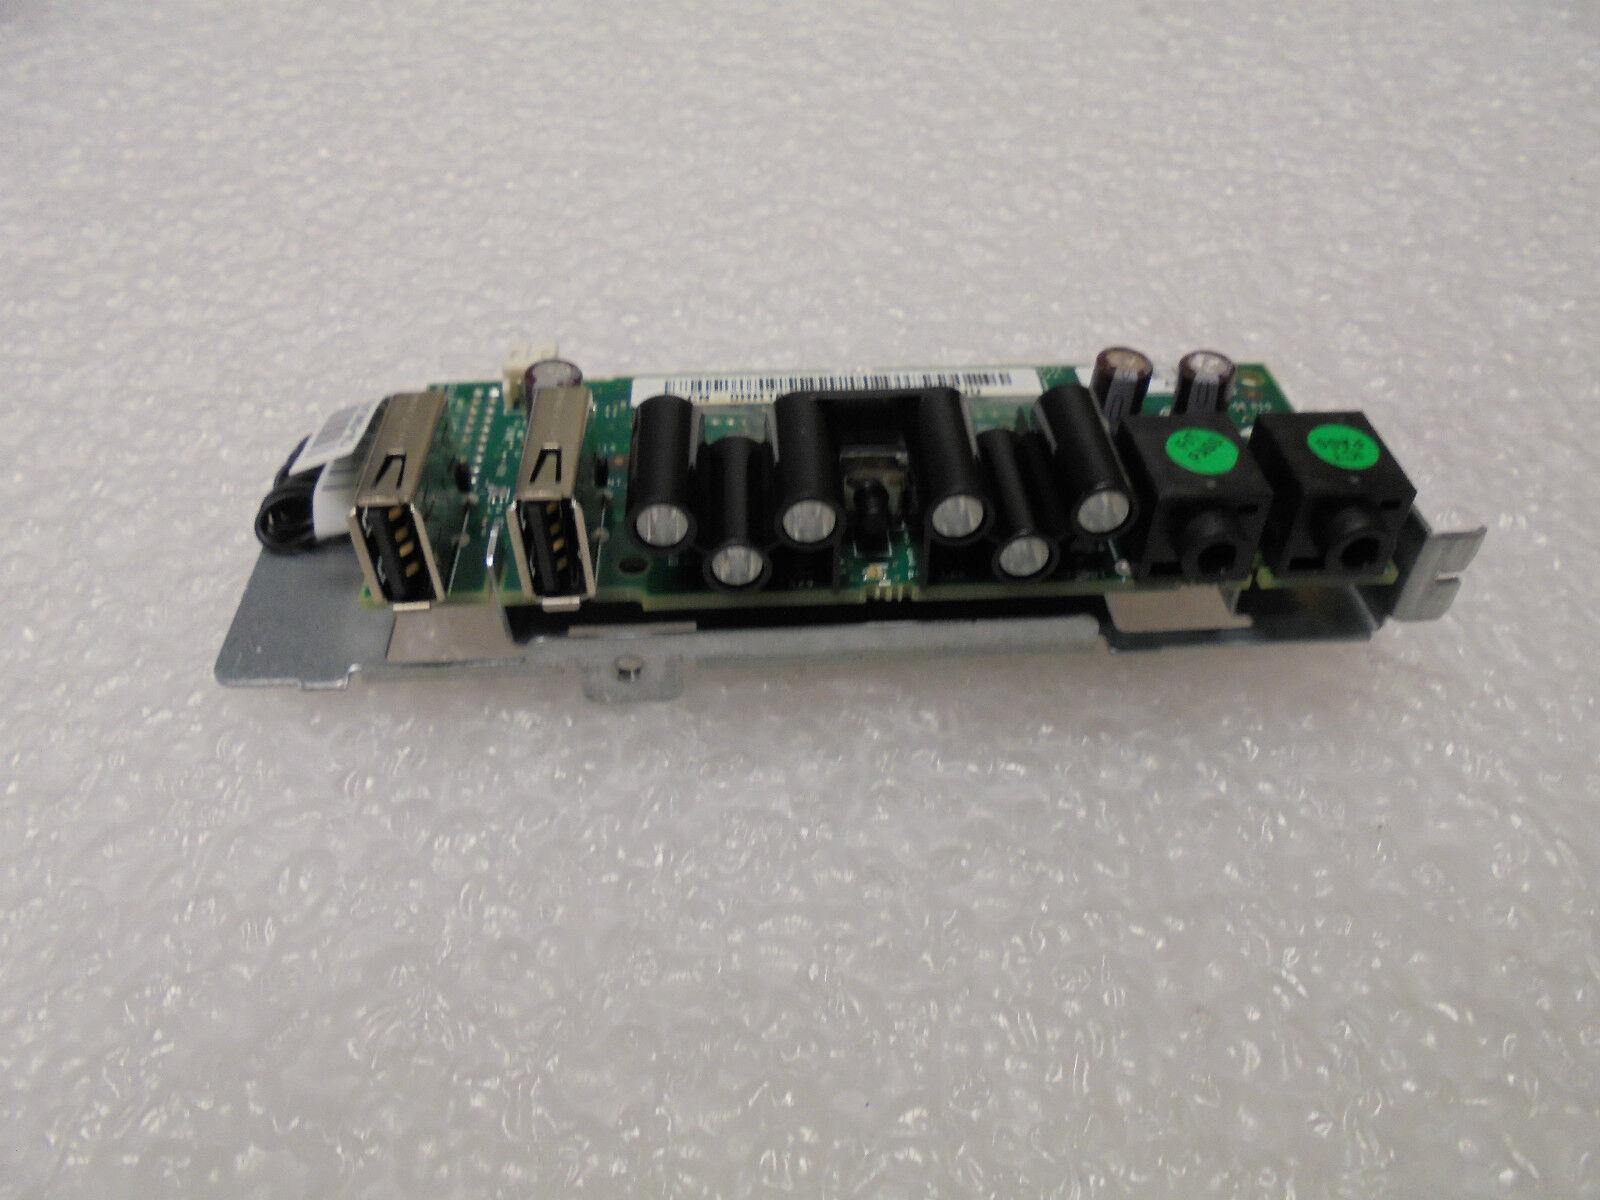 New Dell Dimension 9200 USB//AUDIO Control Panel HH180 WJ459 0MW117